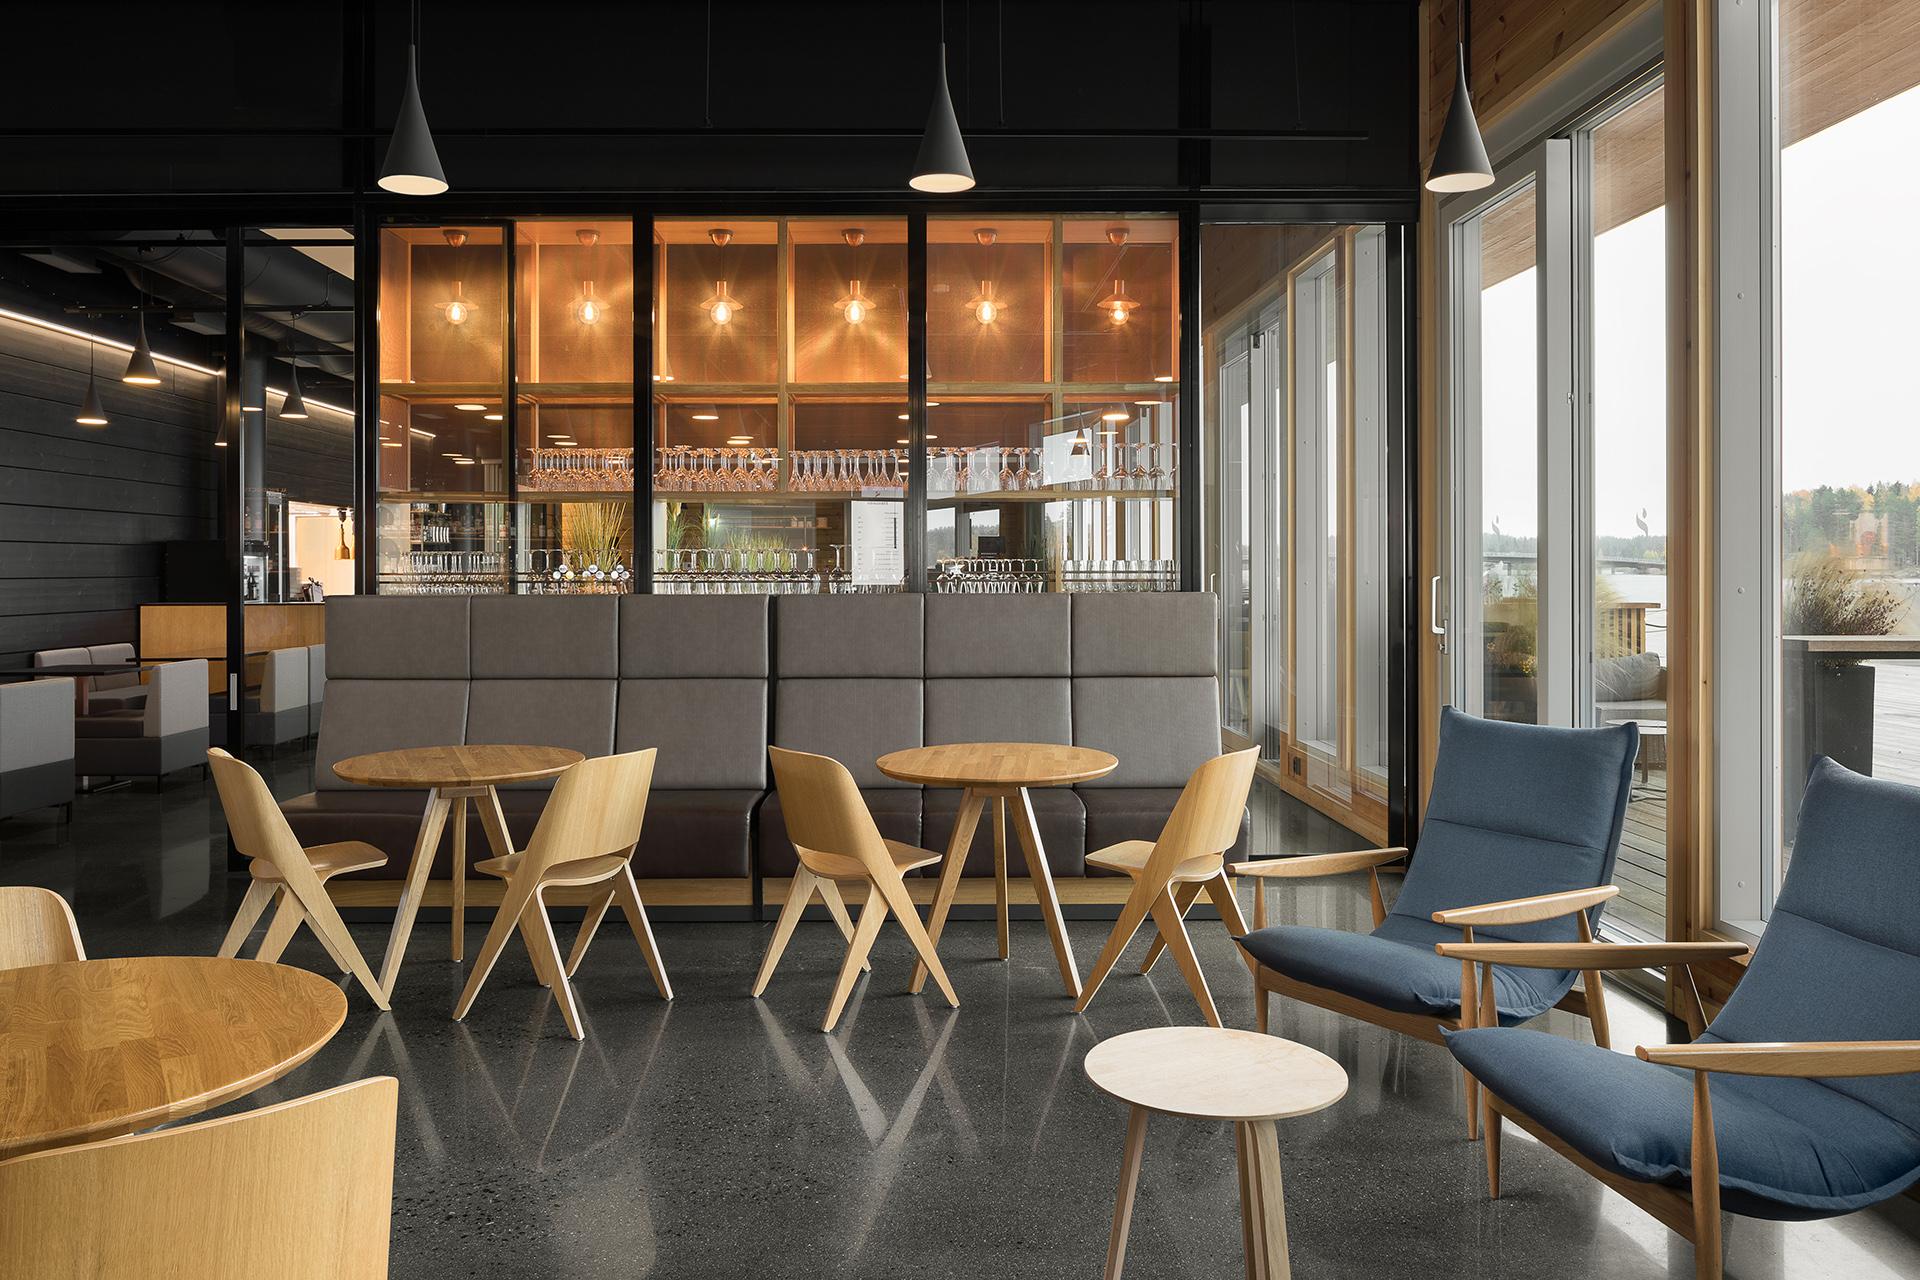 Loungen sisustusarkkitehtisuunnittelu on rentoa ja kutsuvaa.